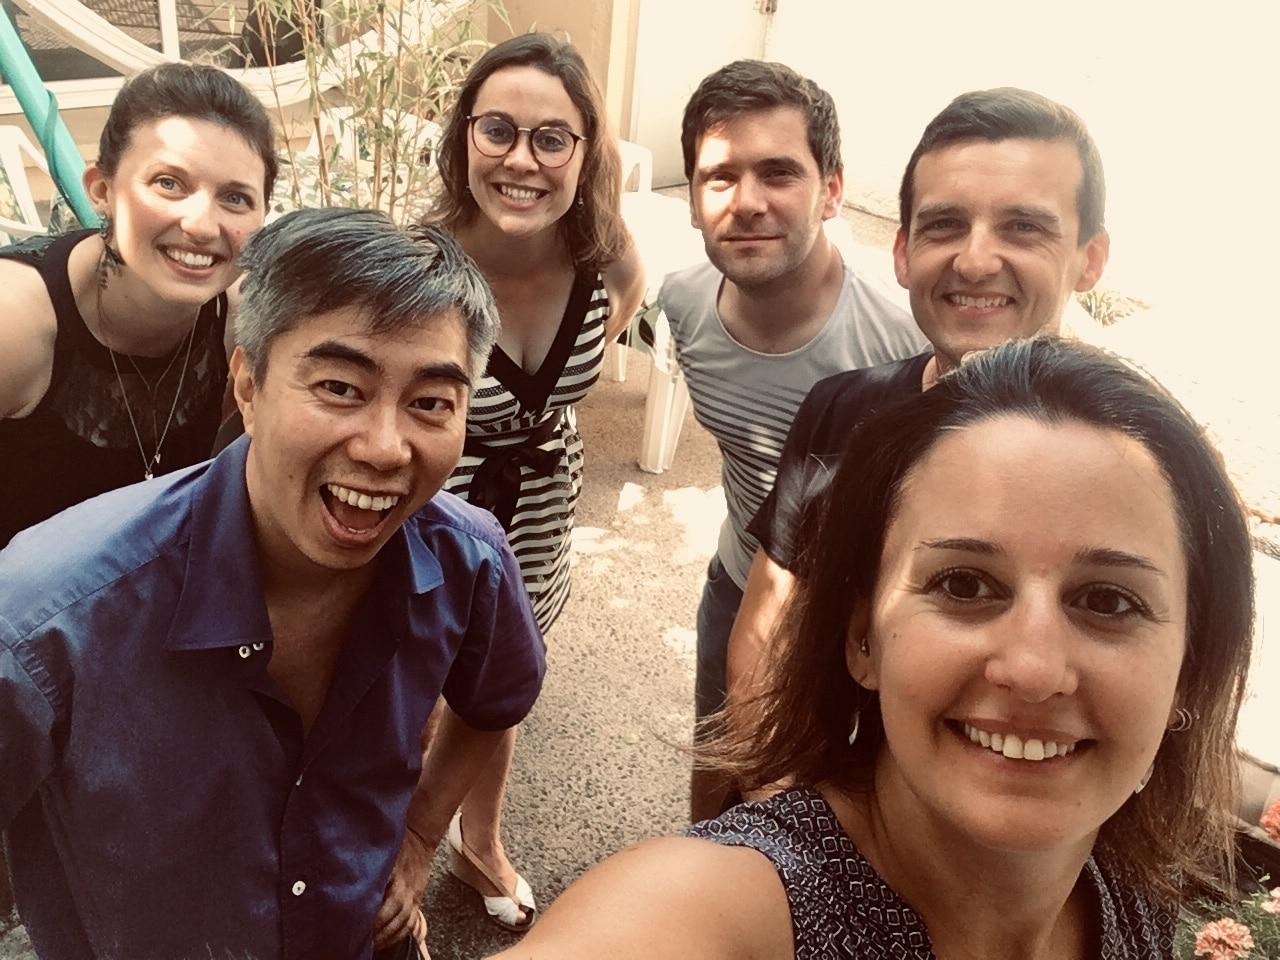 Barbecue de l'été 2019 au coworking Cholet